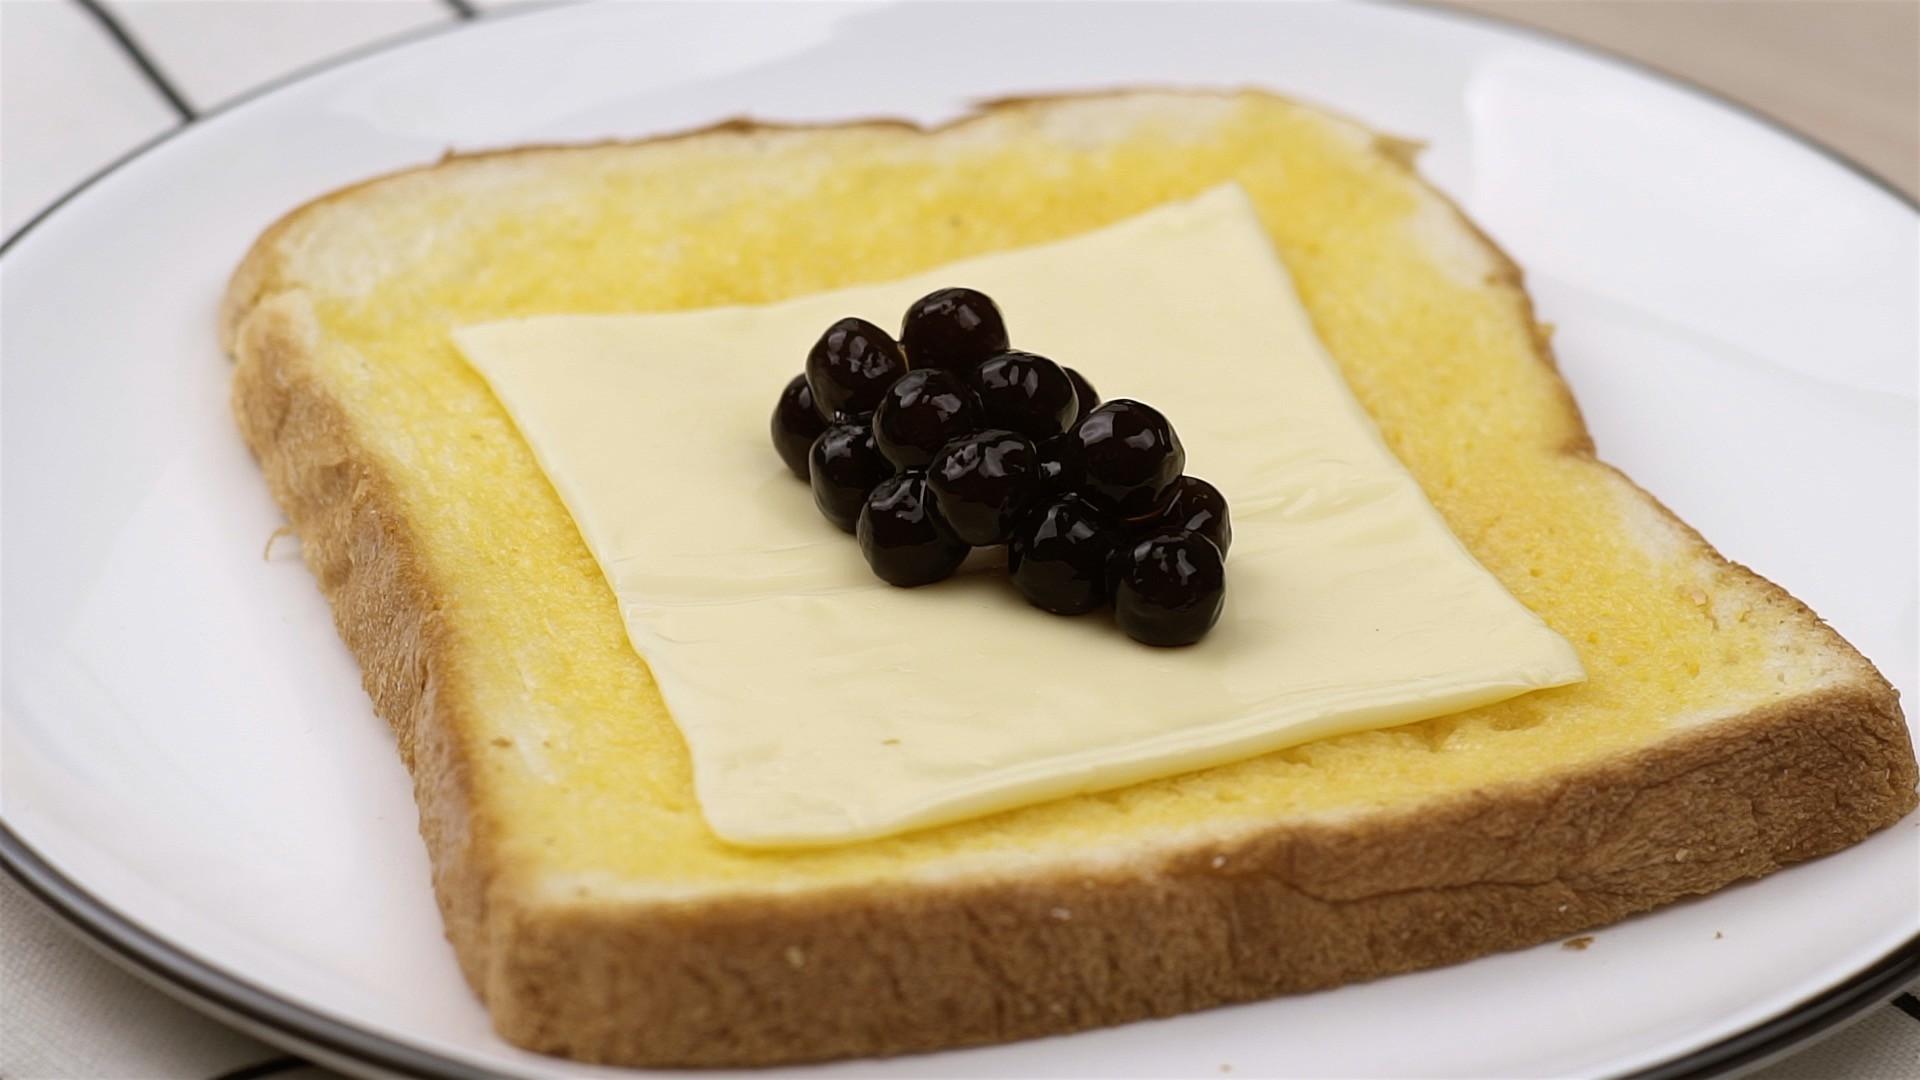 Bánh trân châu đường đen xưa rồi có món mới còn ngon và dễ làm hơn nhiều - Ảnh 3